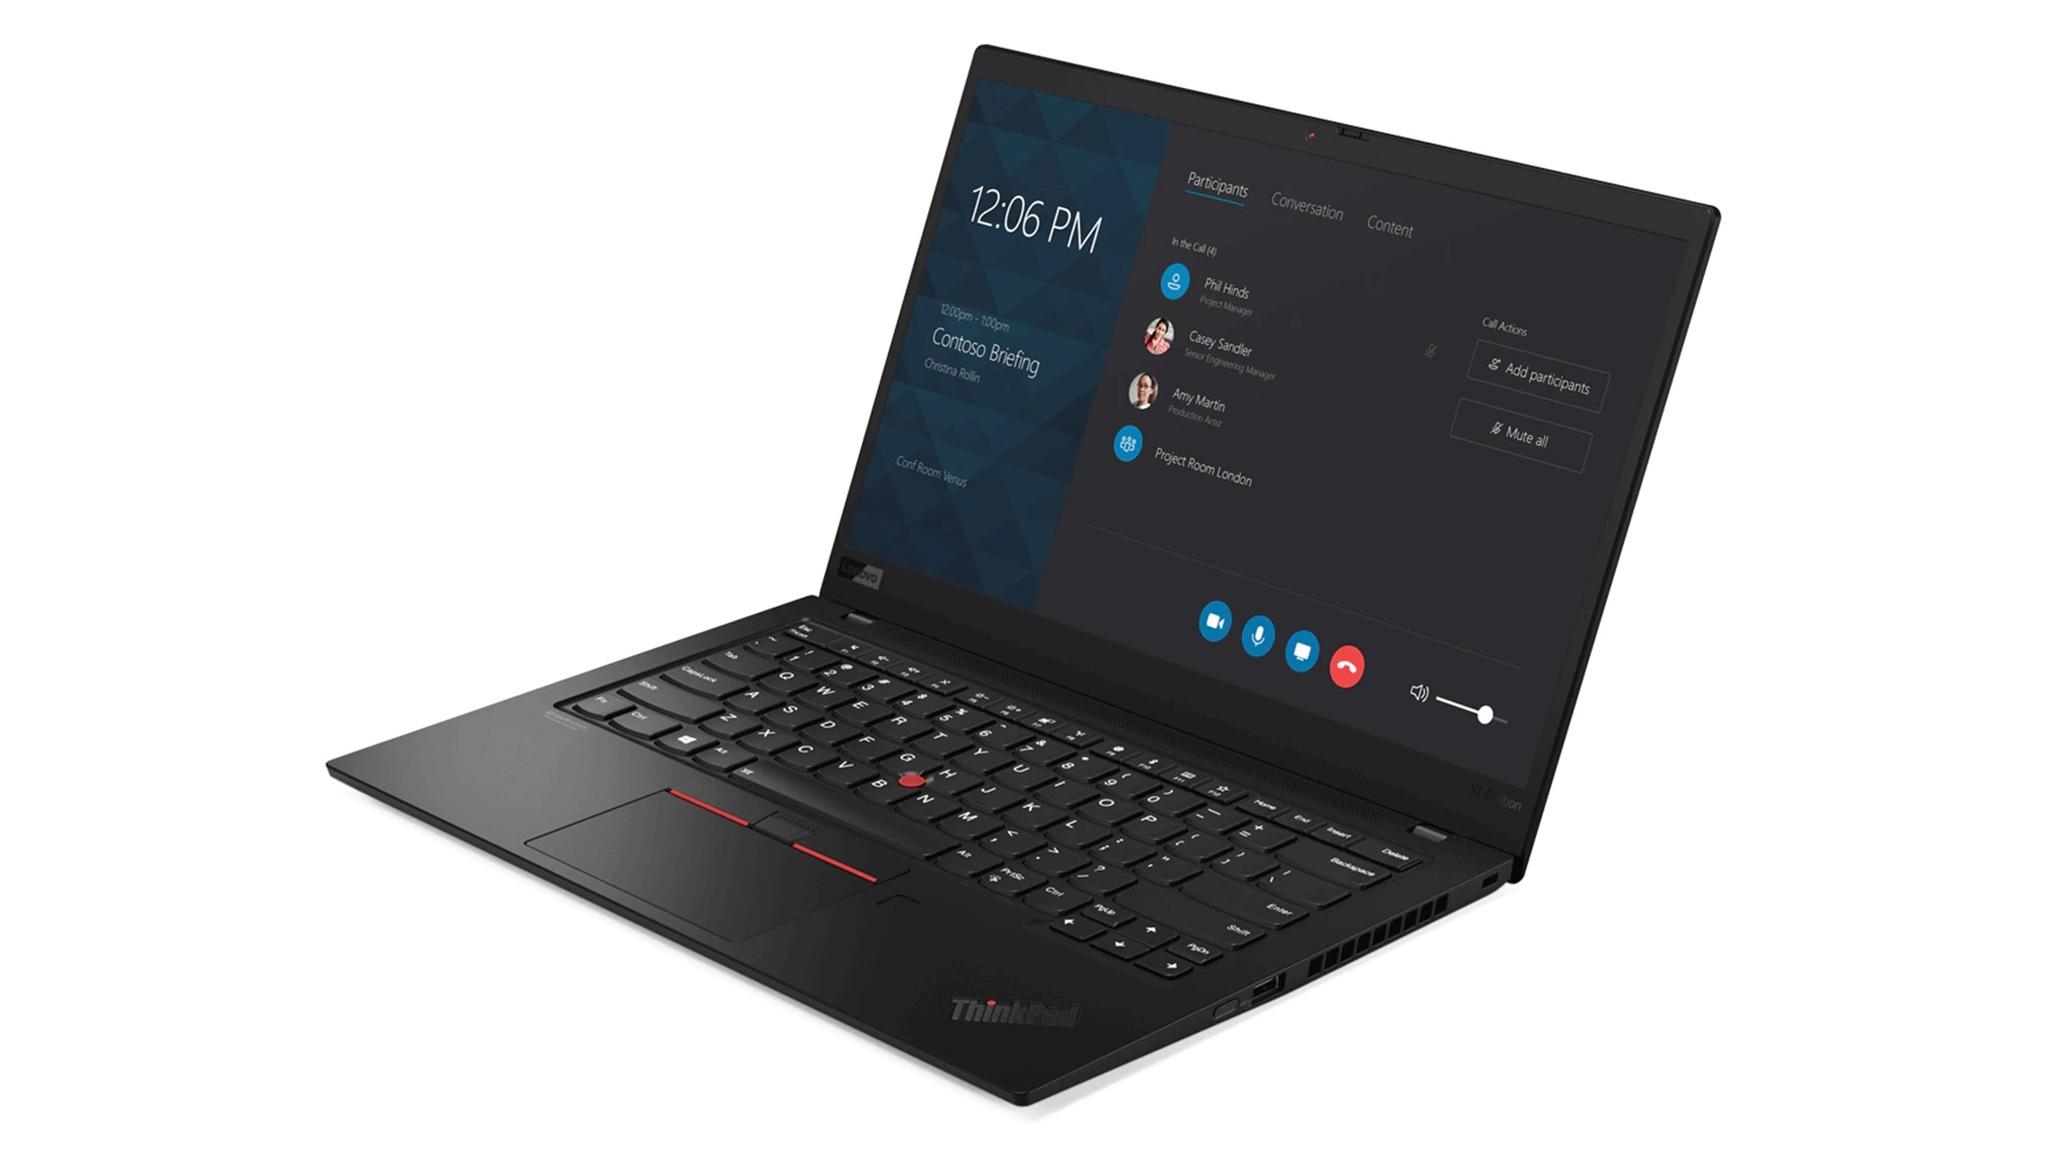 レノボのThinkPadシリーズは大画面モデルを含め、ほとんどのモデルでSIMフリーのWWAN(LTE)機能を選べる。写真はThinkPad X1 Carbon(2019) (出所:中国レノボ)